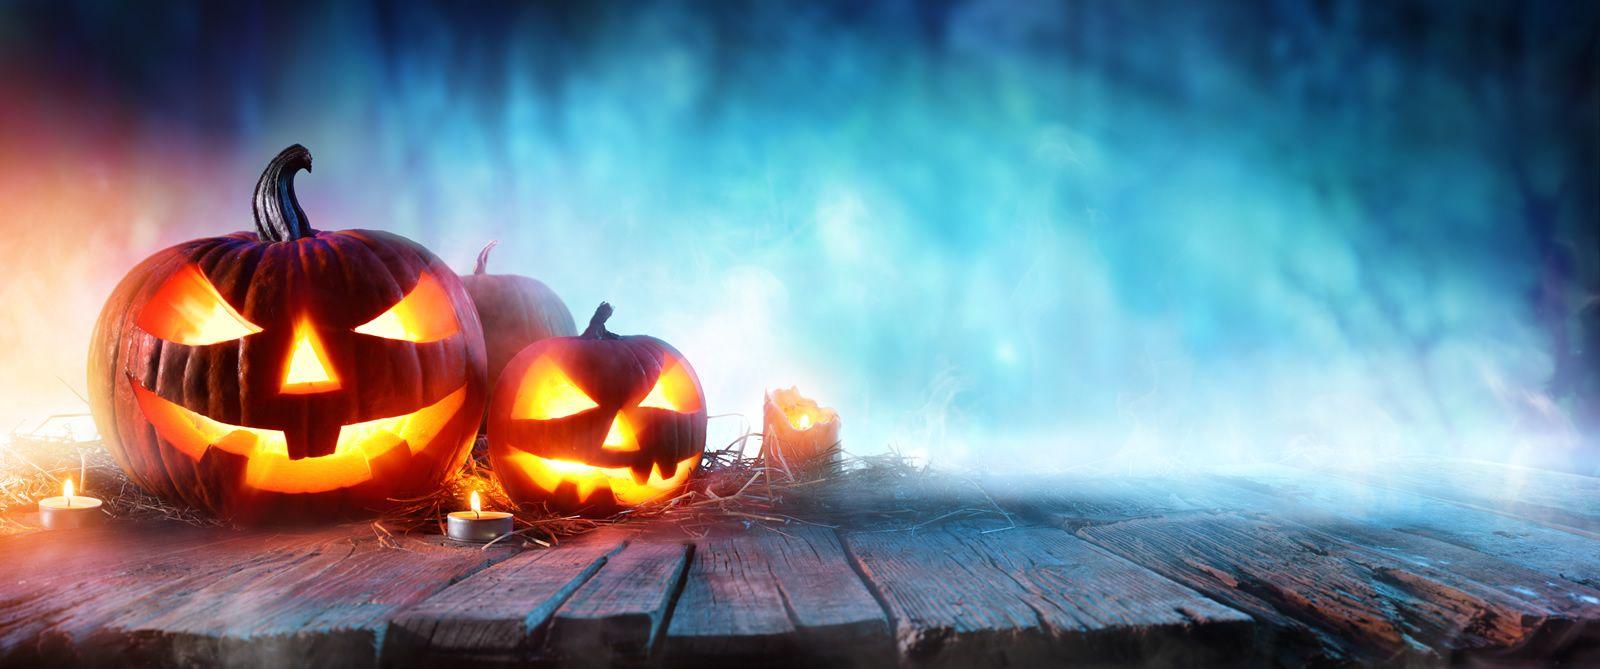 F1RST GmbH Vermarktungsexperten Halloween kürbis